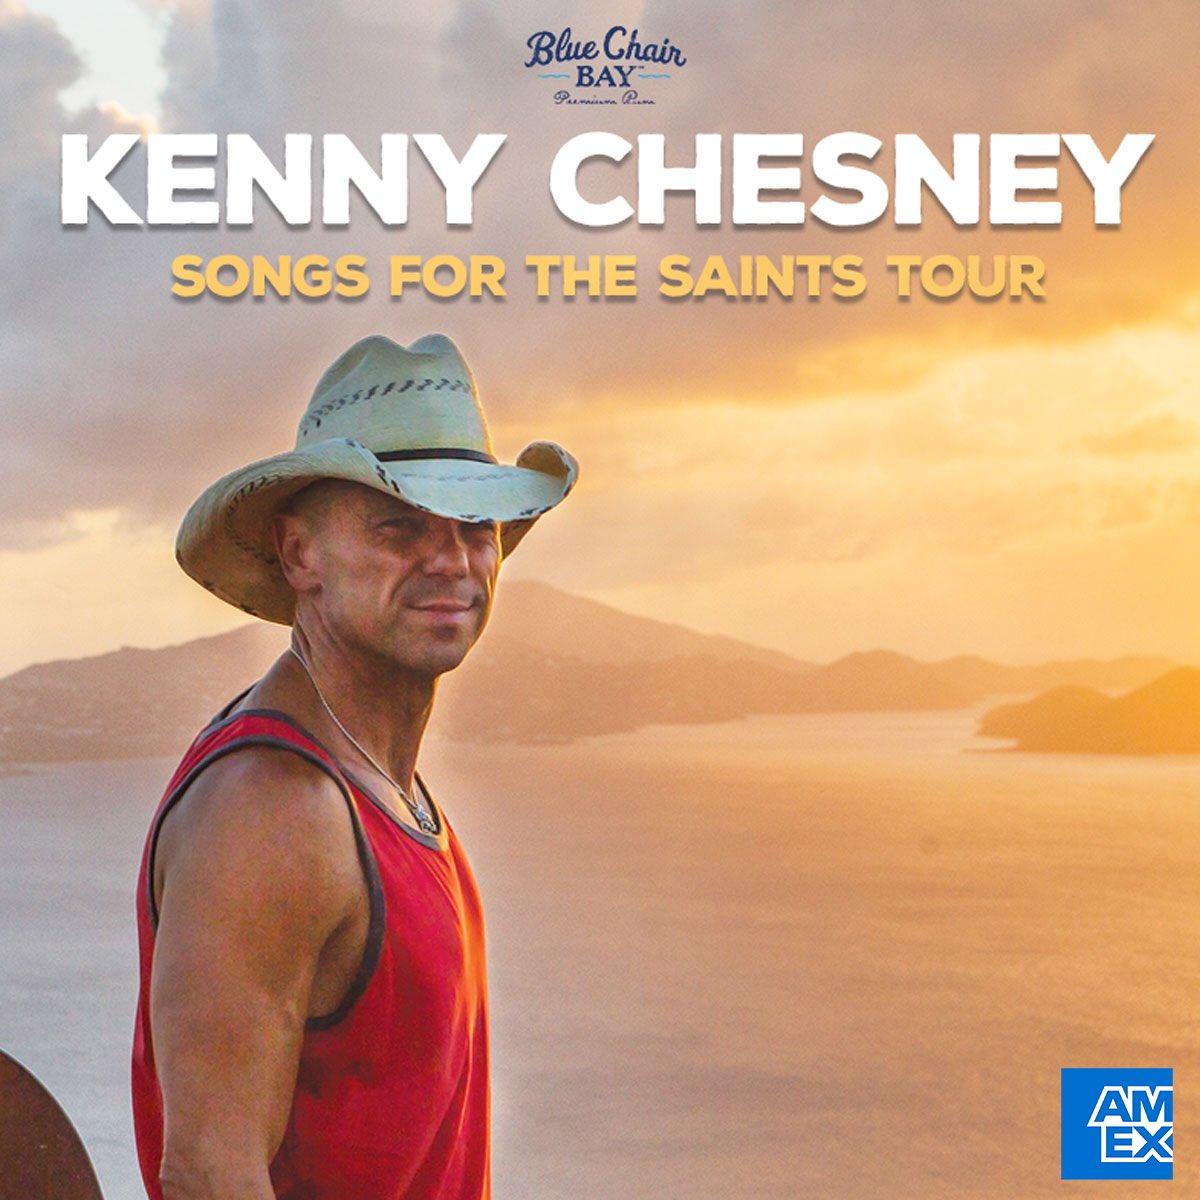 Kenny Chesney @ kennychesney